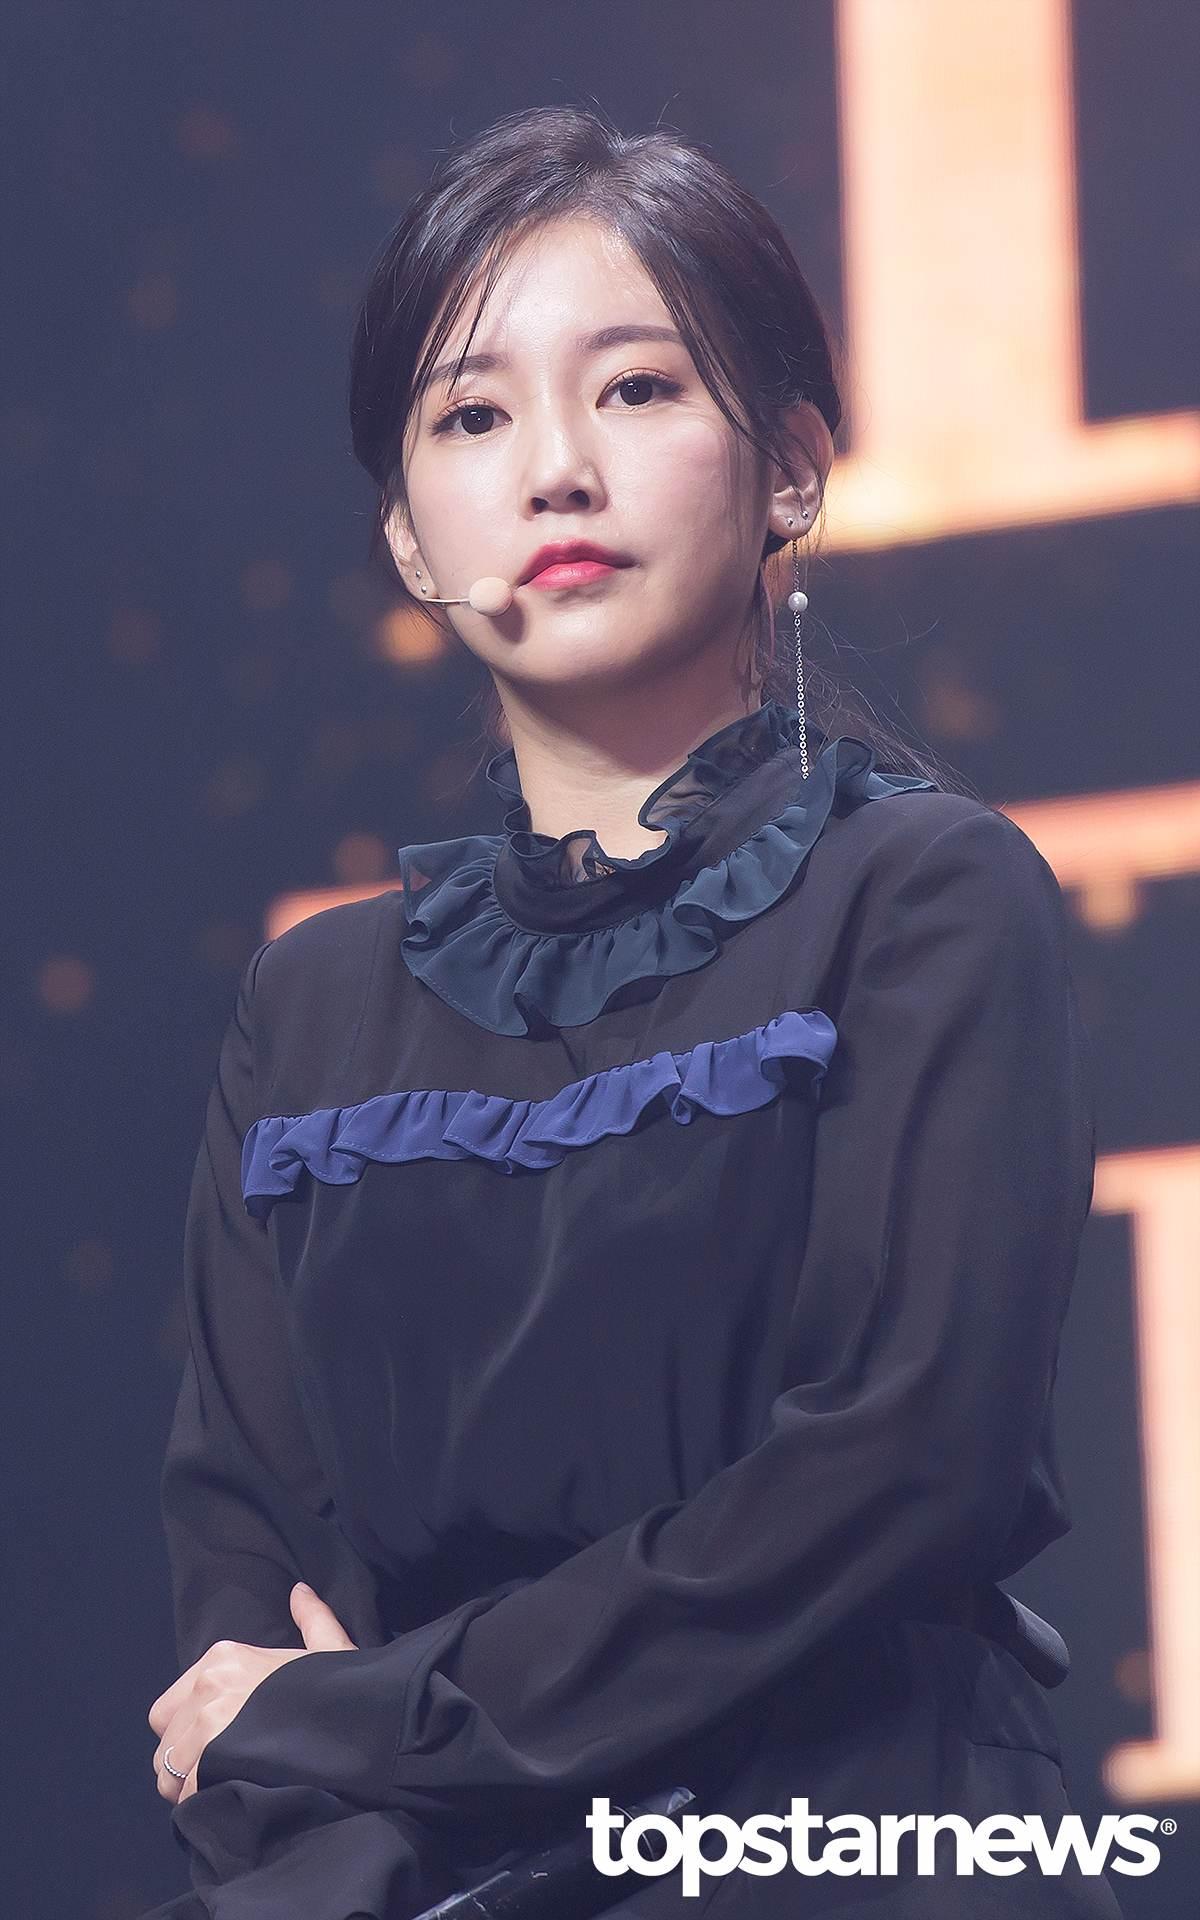 素妍:這次對於音樂節目一位沒有任何野心, 因為這一年三個月的空白期都在中國和日本的活動, 只想盡快地和韓國粉絲們進行交流。